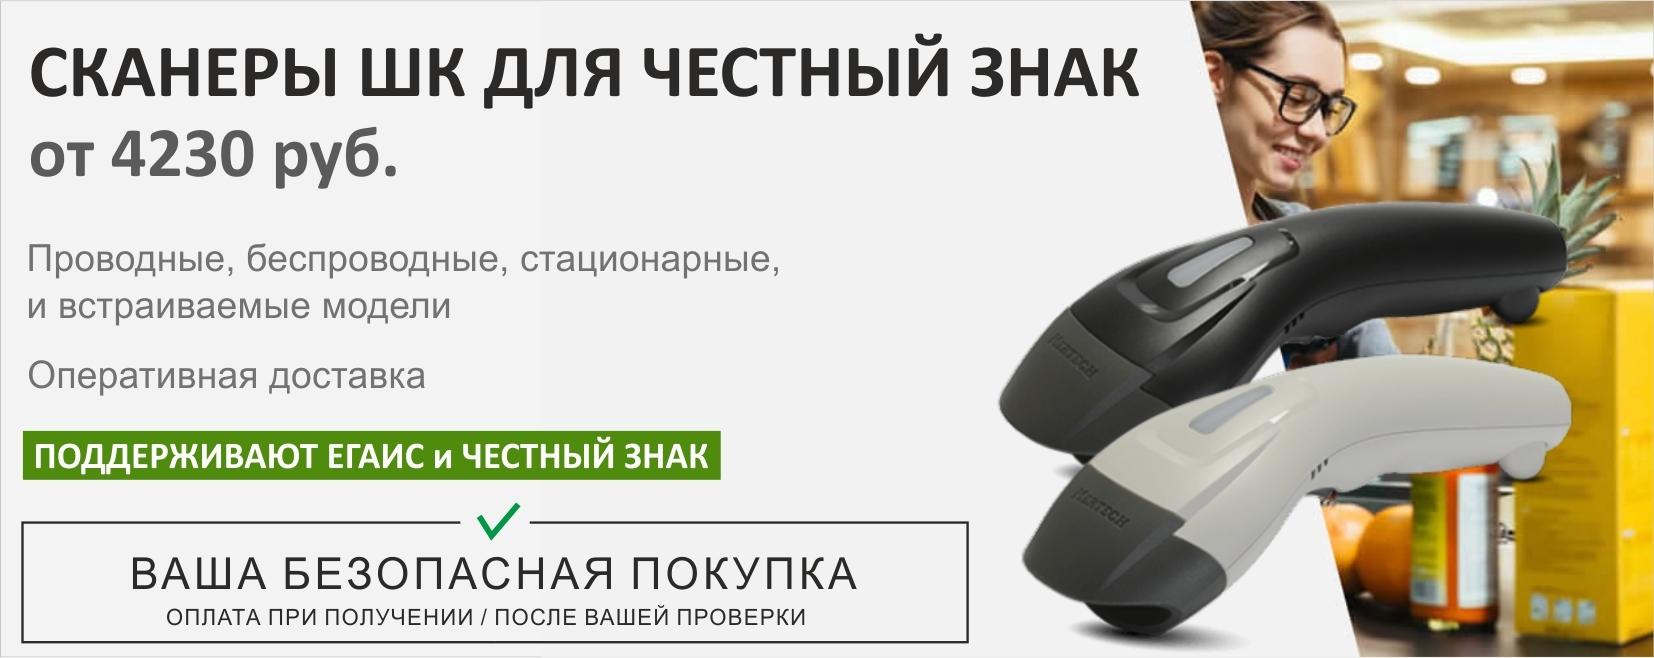 - Сканеры ШК для Честный Знак